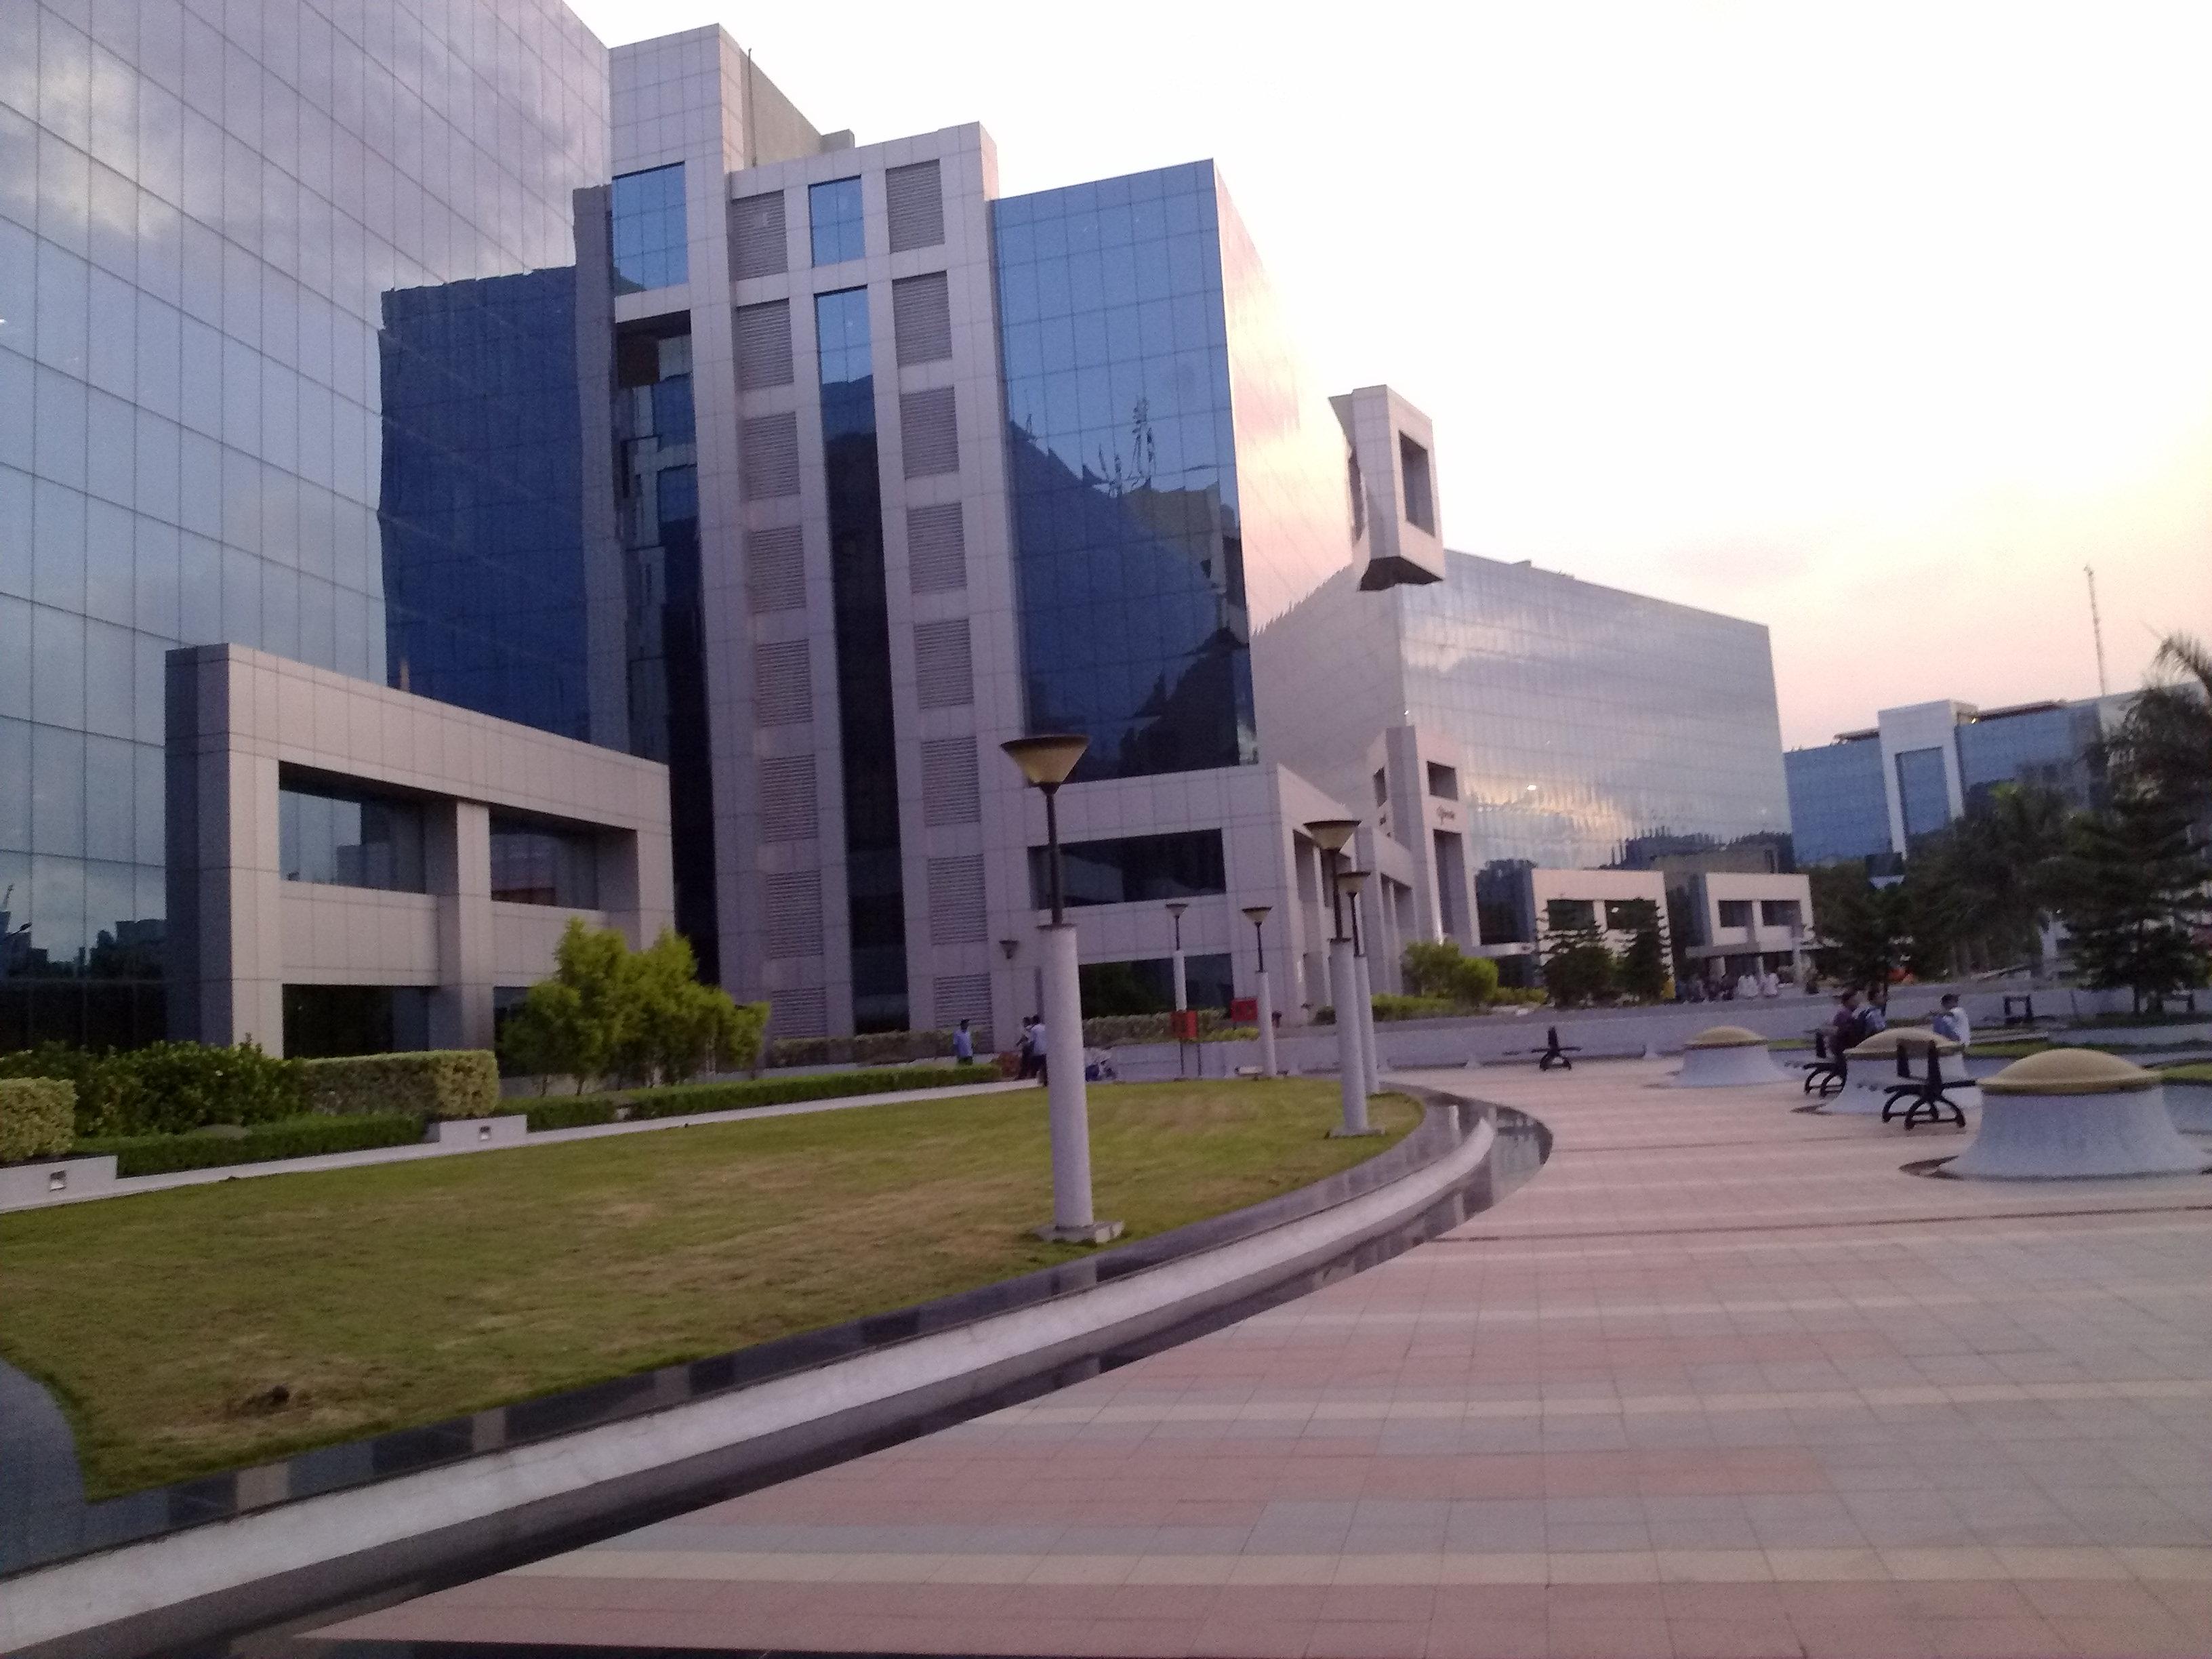 Accenture campus in bangalore dating 7